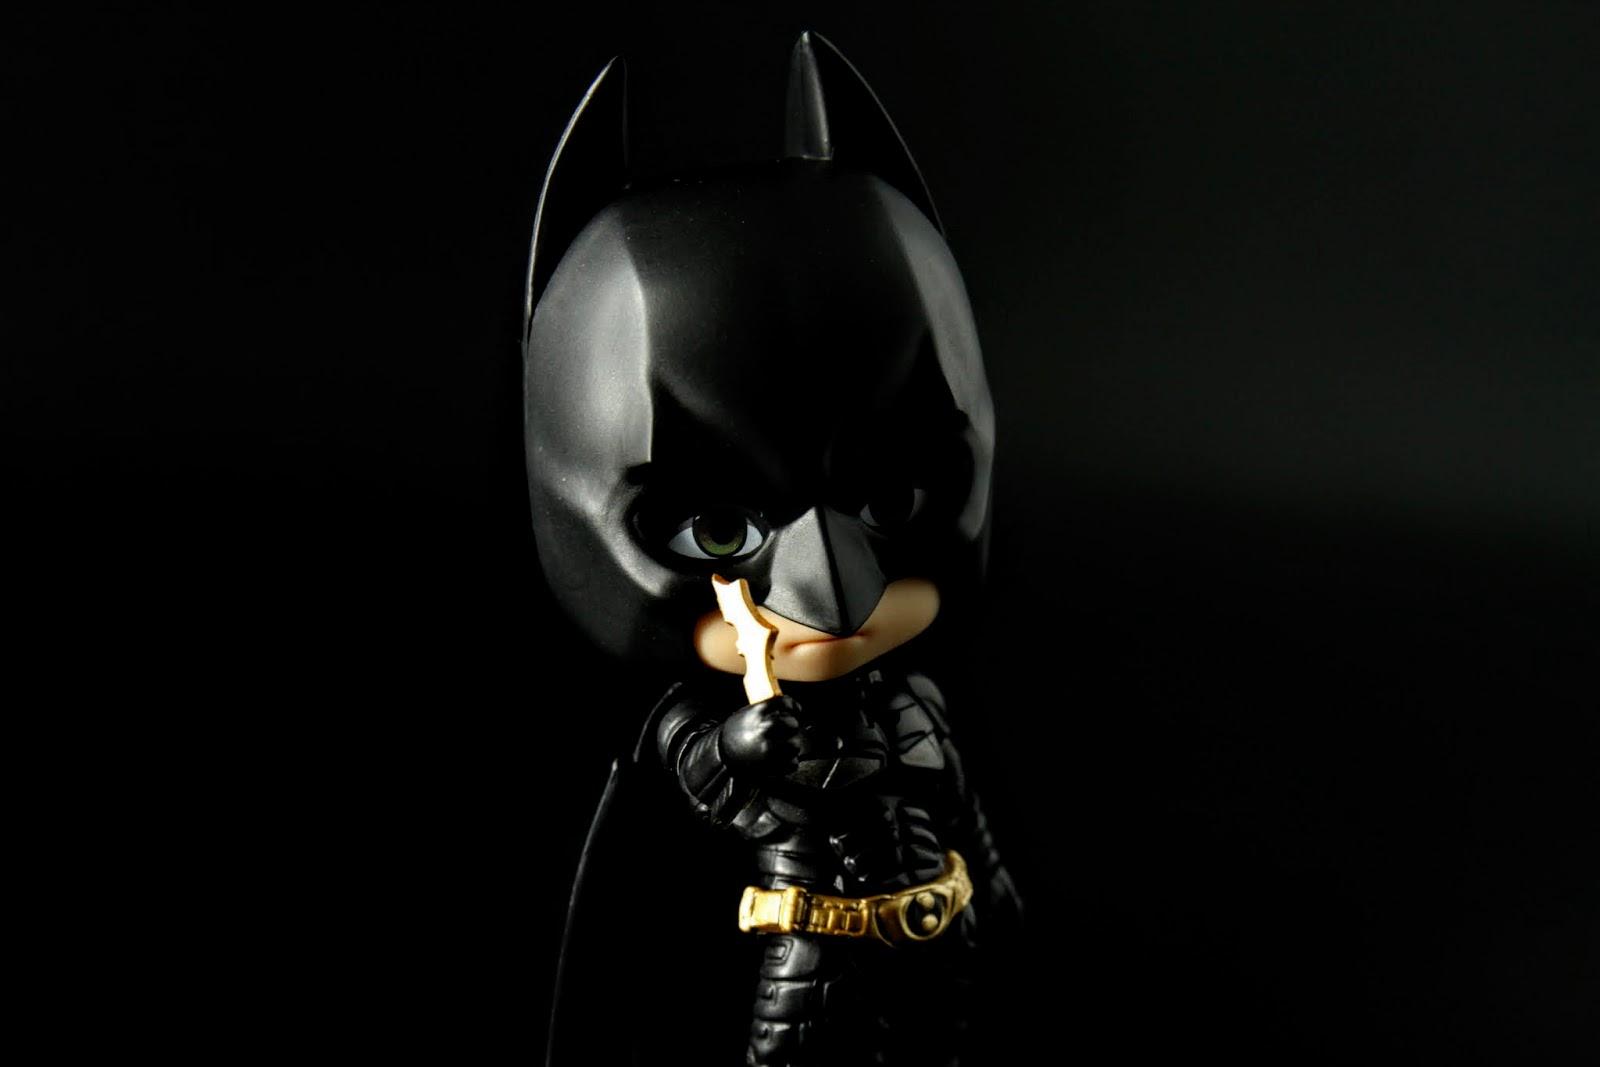 最後當然~畢竟是蝙蝠俠